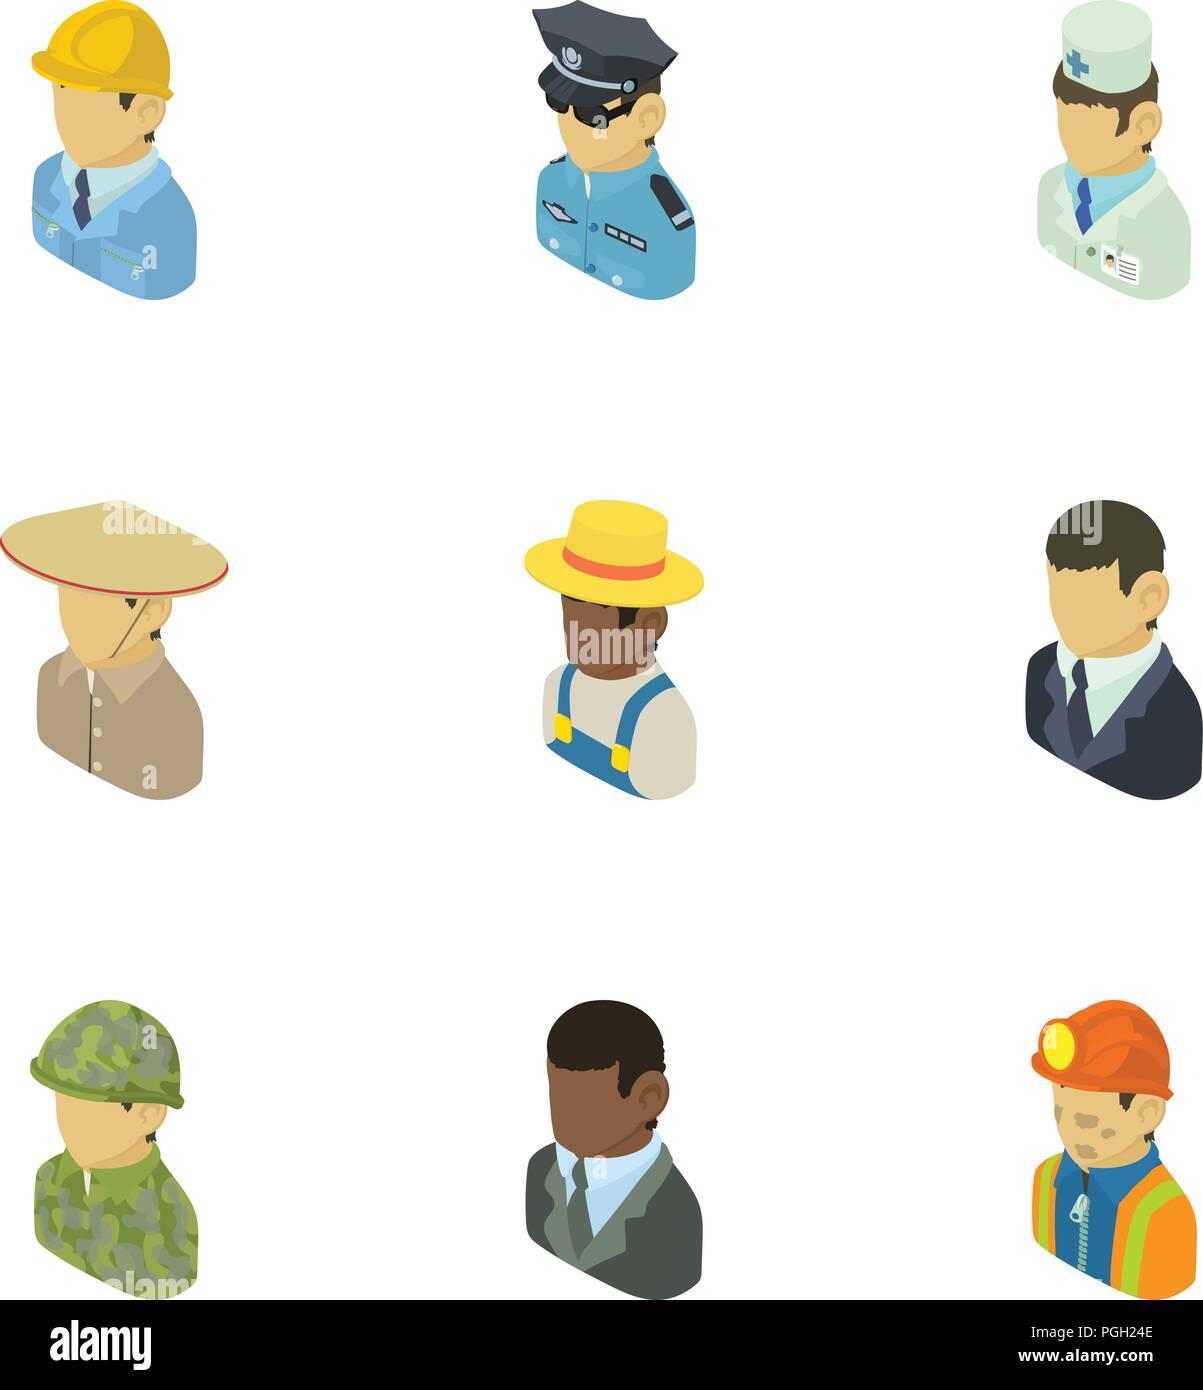 Personage icons set, isometric style - Stock Image